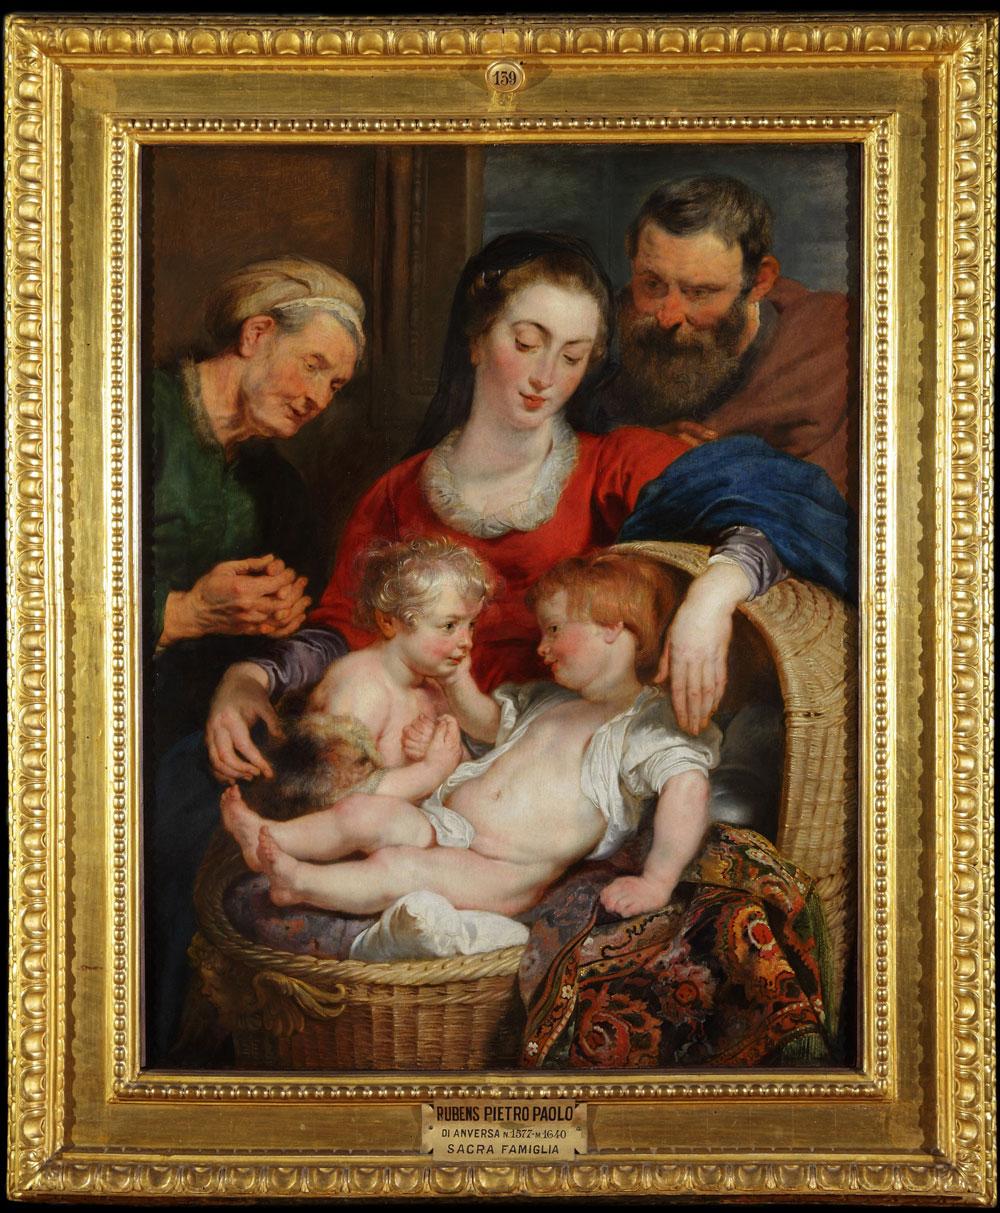 Dopo oltre tre anni di restauro la Madonna della cesta di Rubens torna a Palazzo Pitti